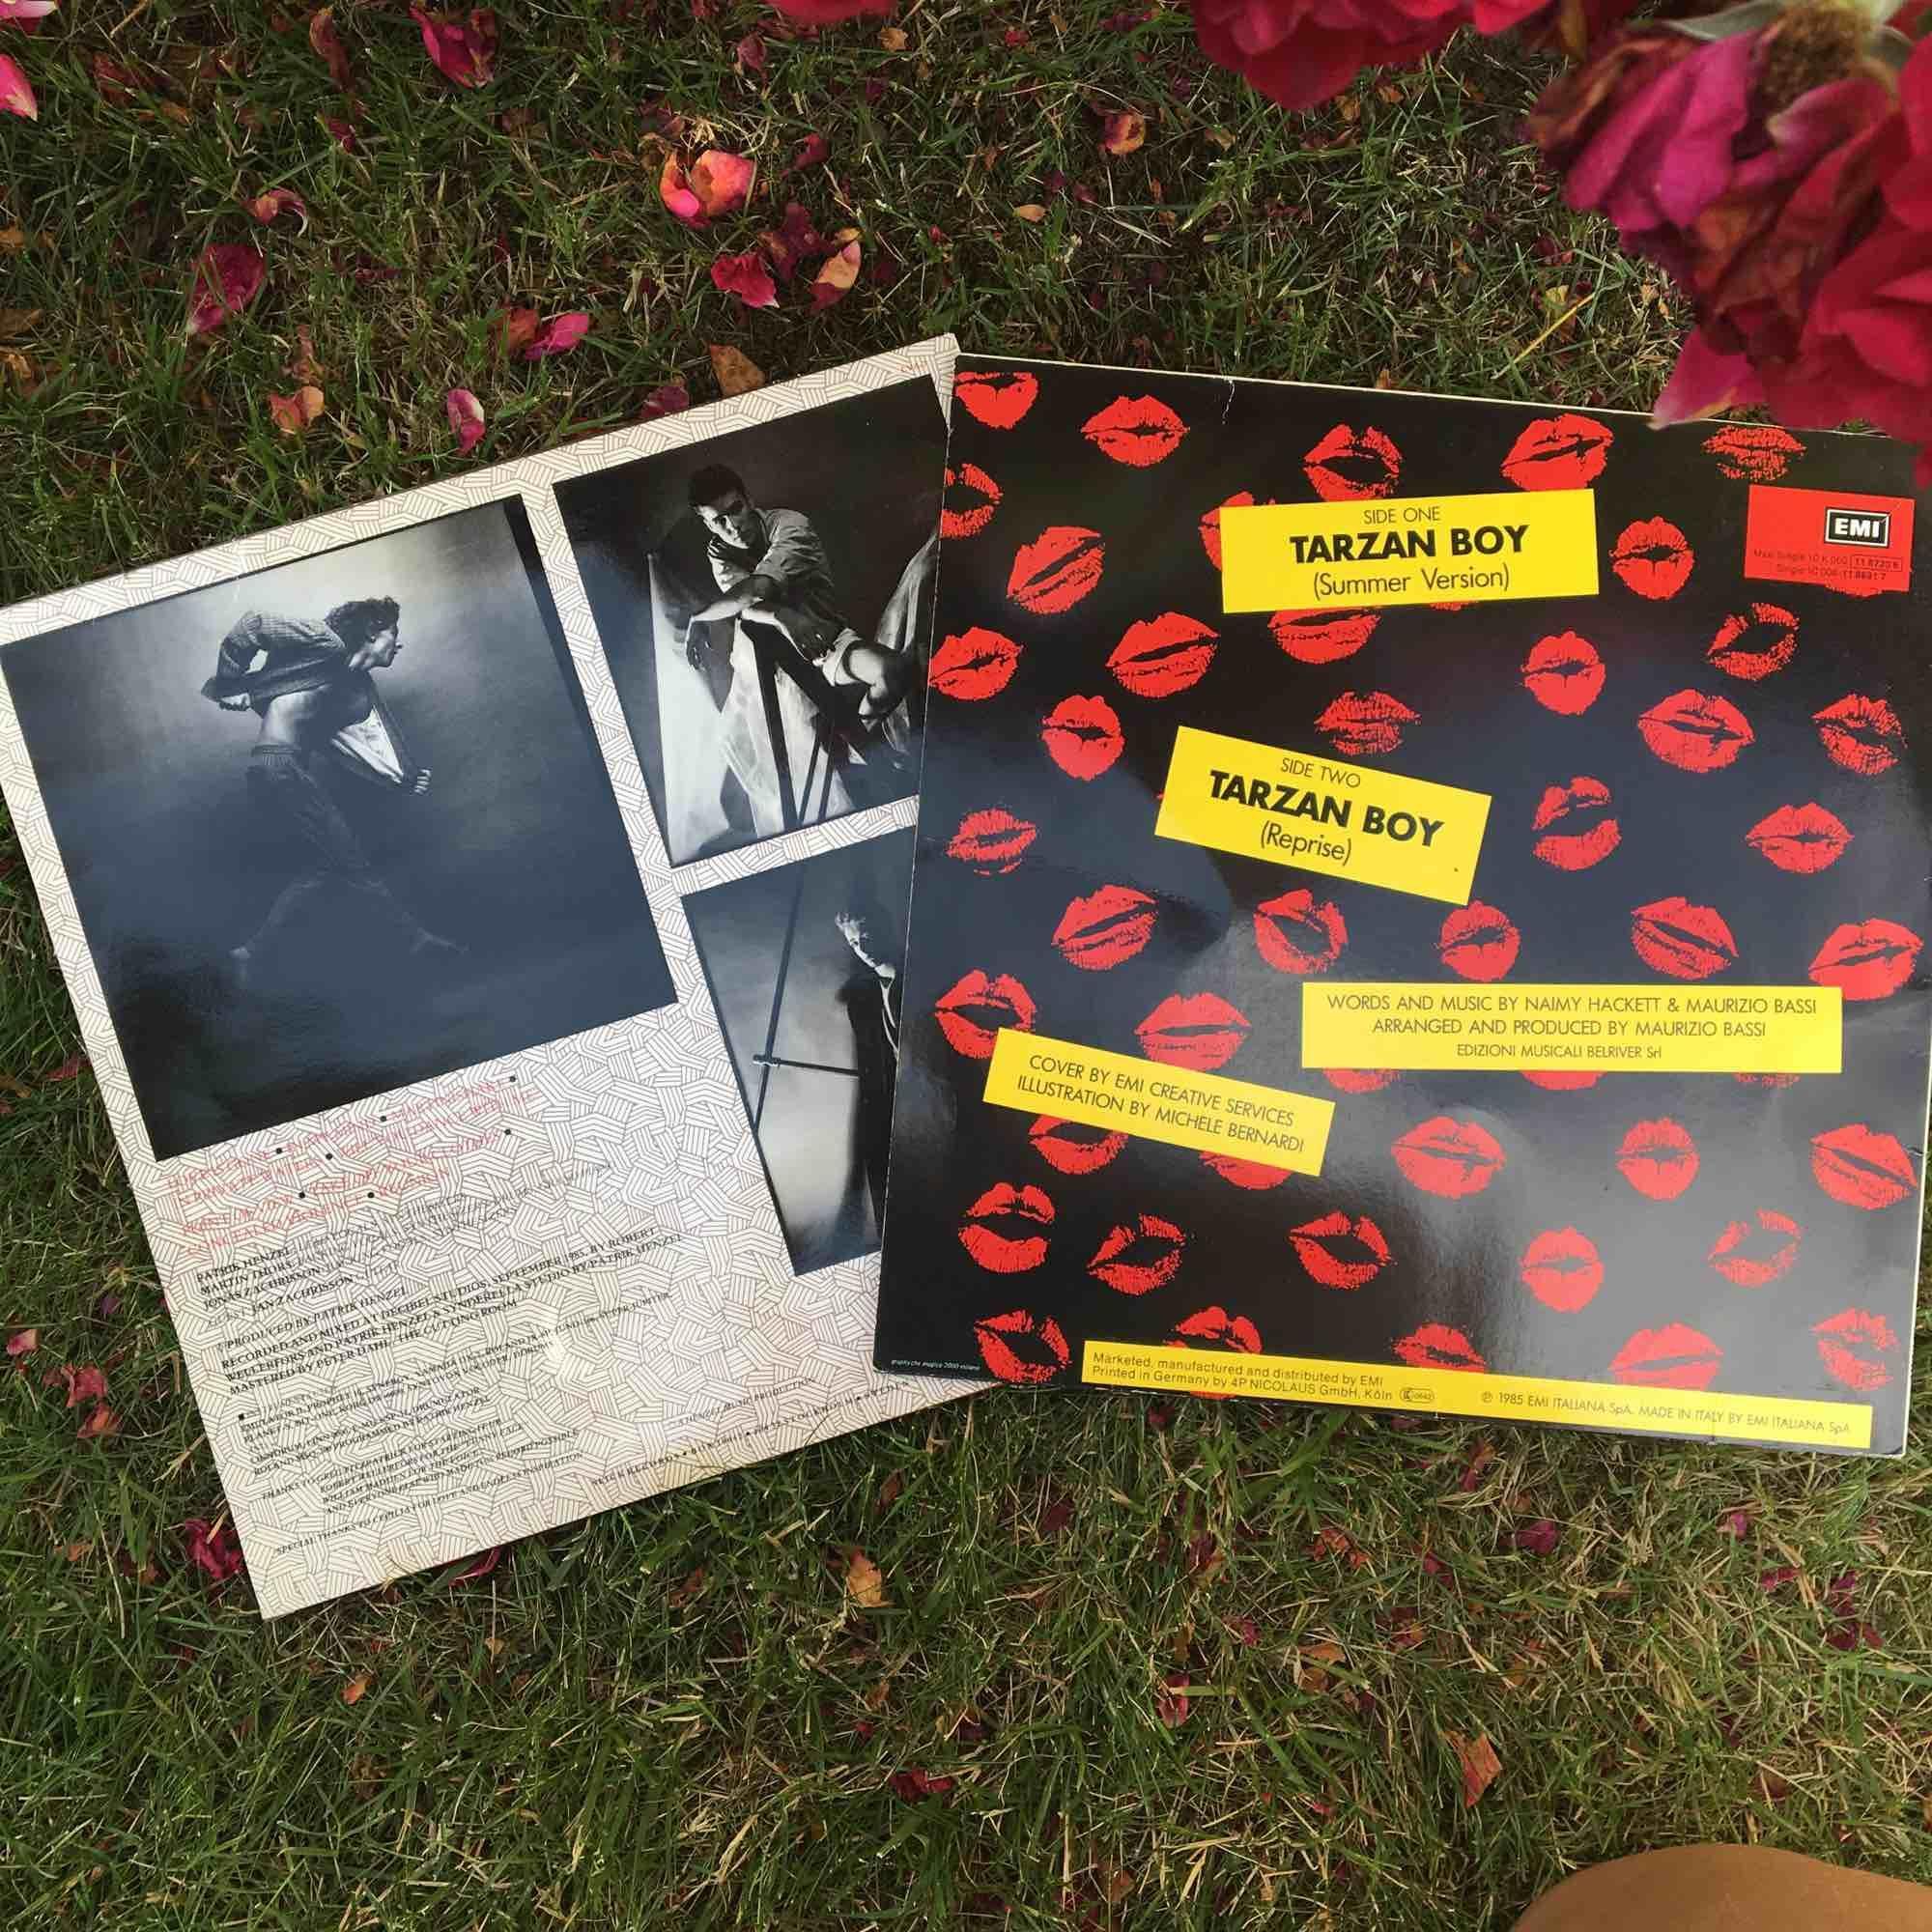 """10kr/styck. Till vänster: Nasa """"power pf the century"""" från 1985. Till höger: Tarzan boy summer version. Övrigt."""